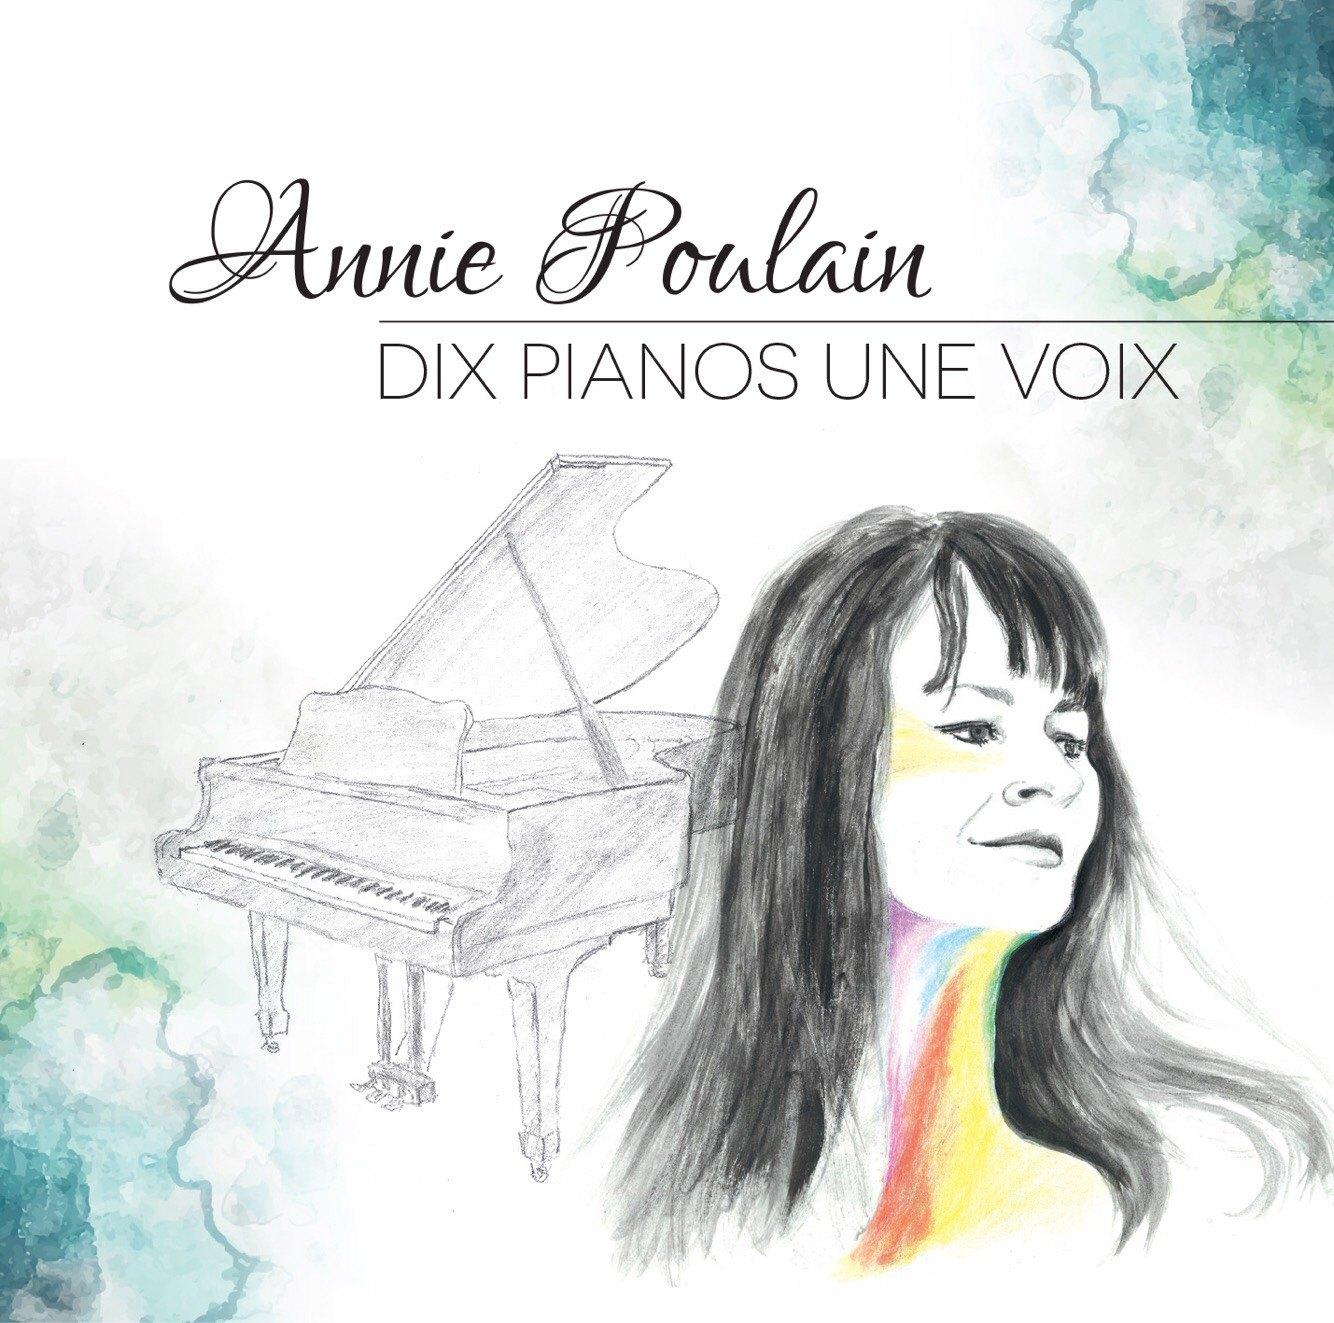 Annie Poulain: Dix pianos, une voix